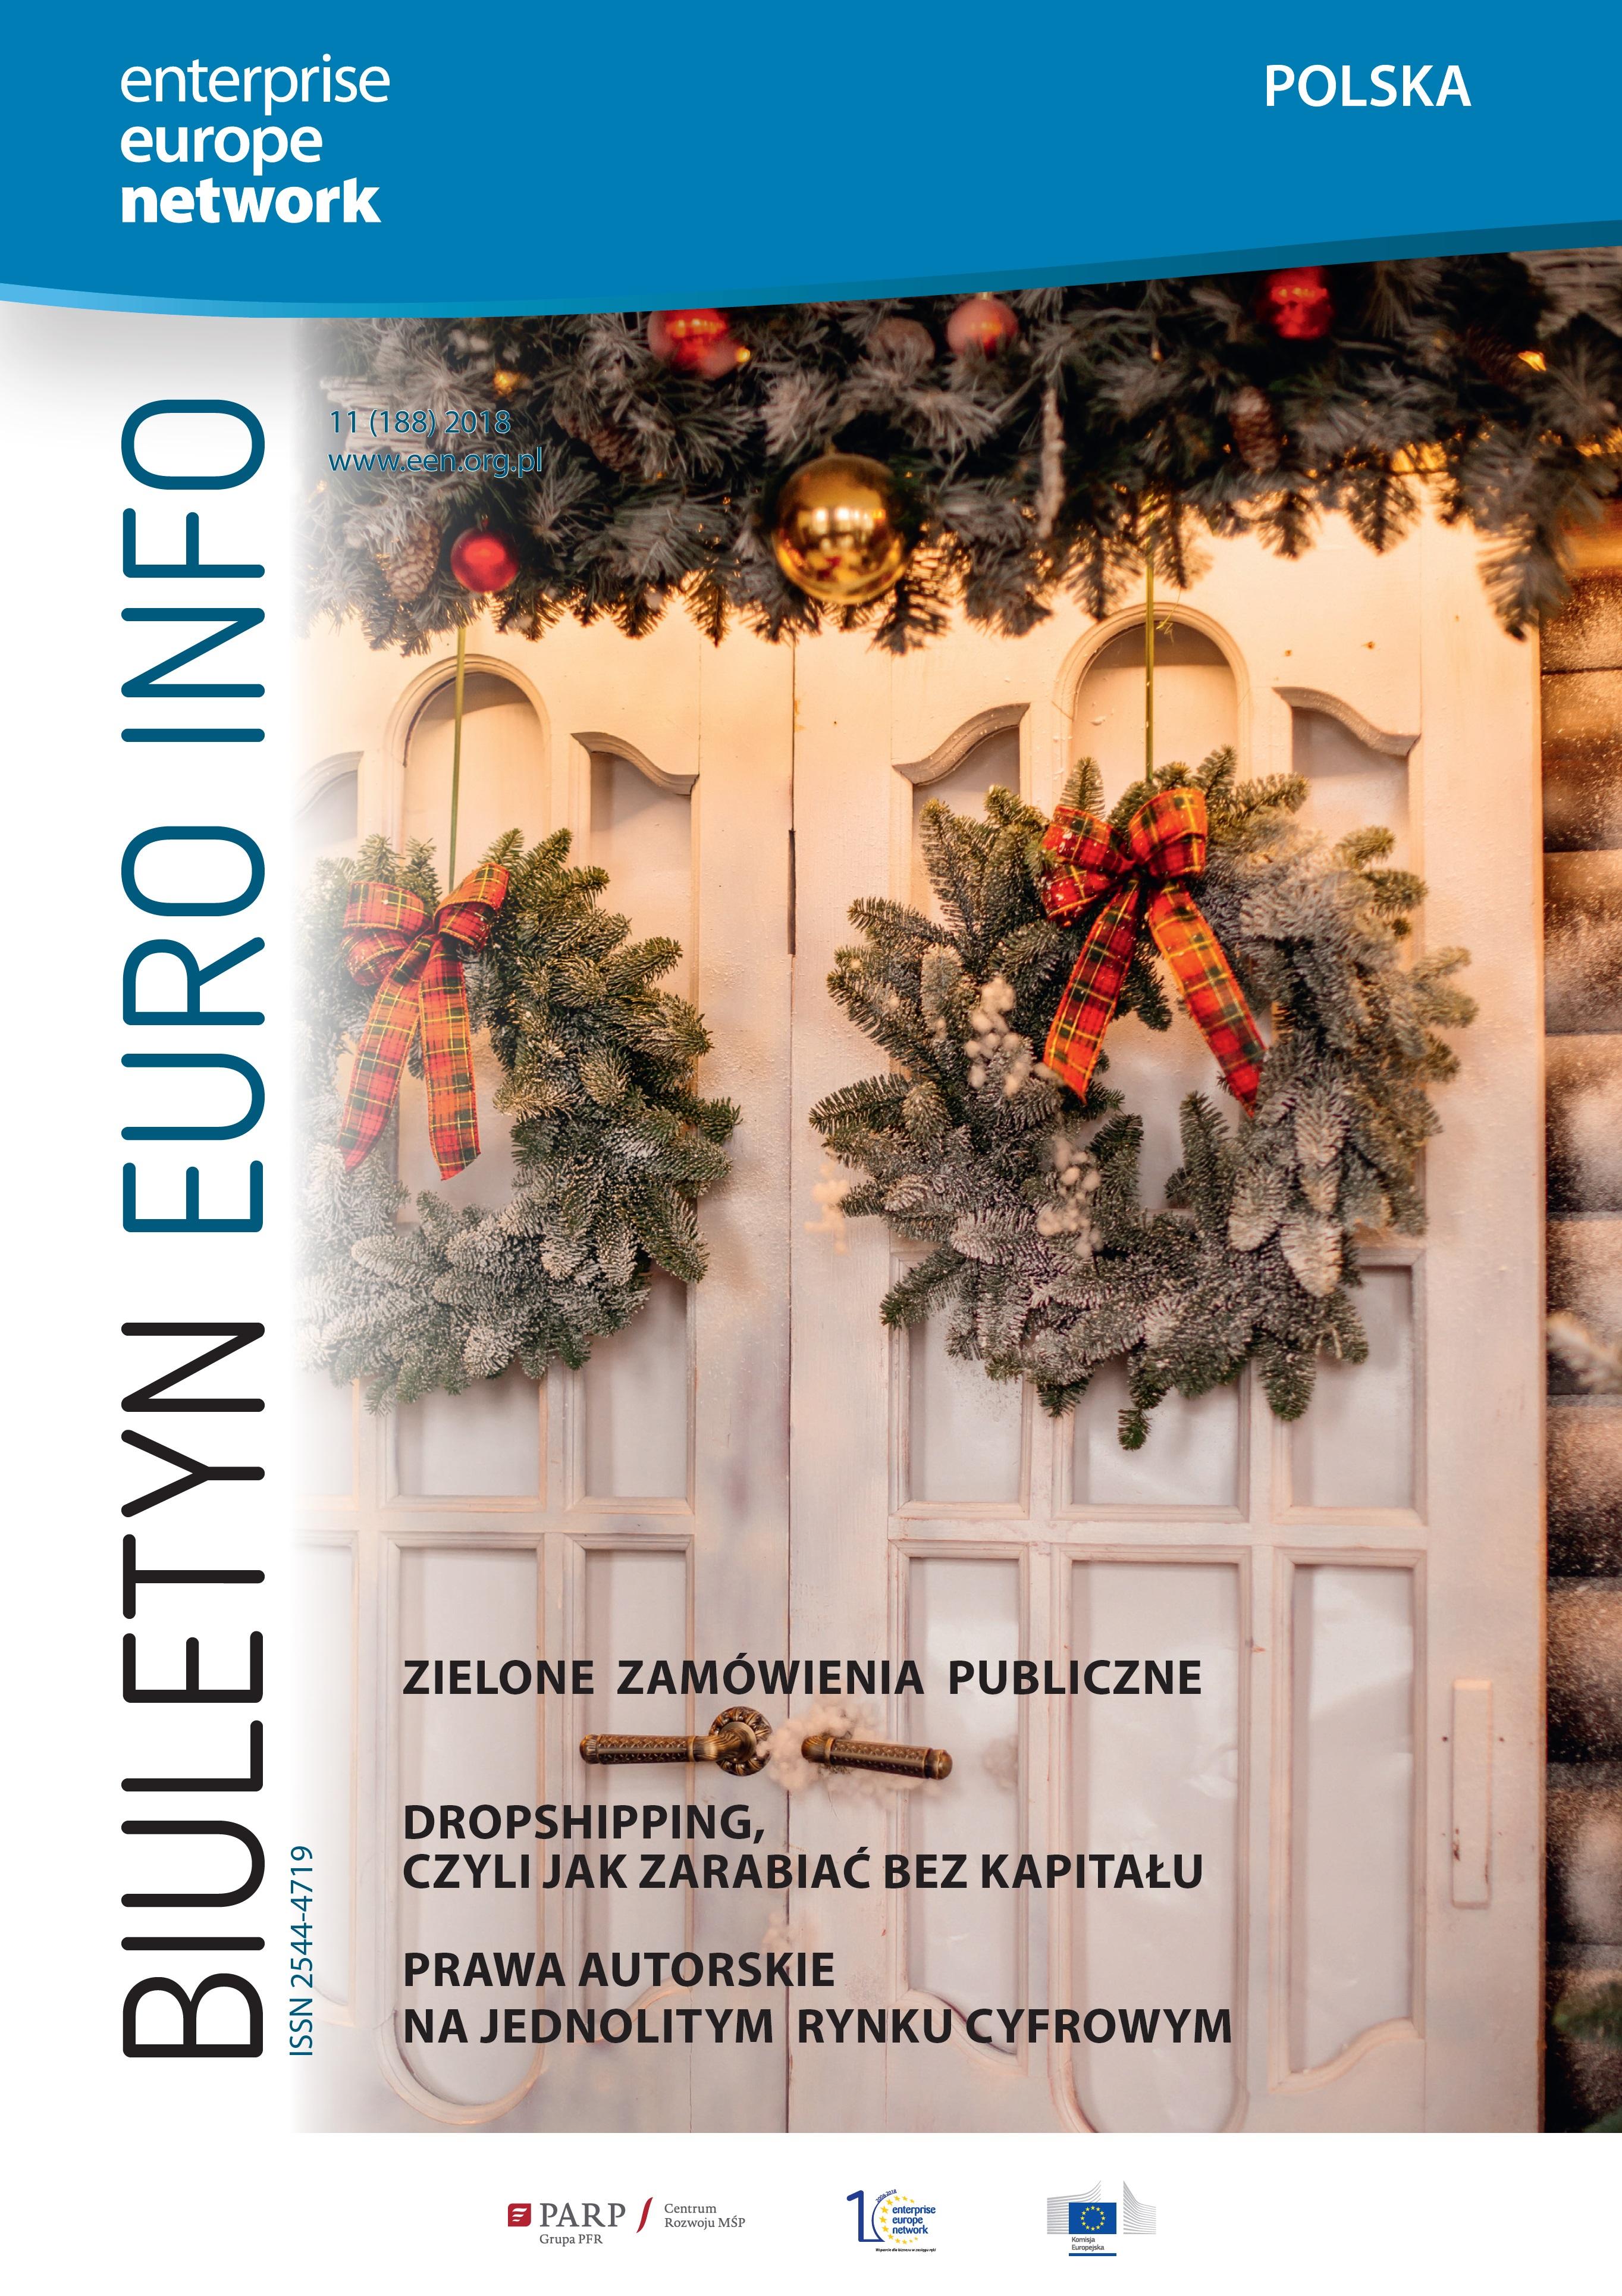 Biuletyn Euro Info 11/2018